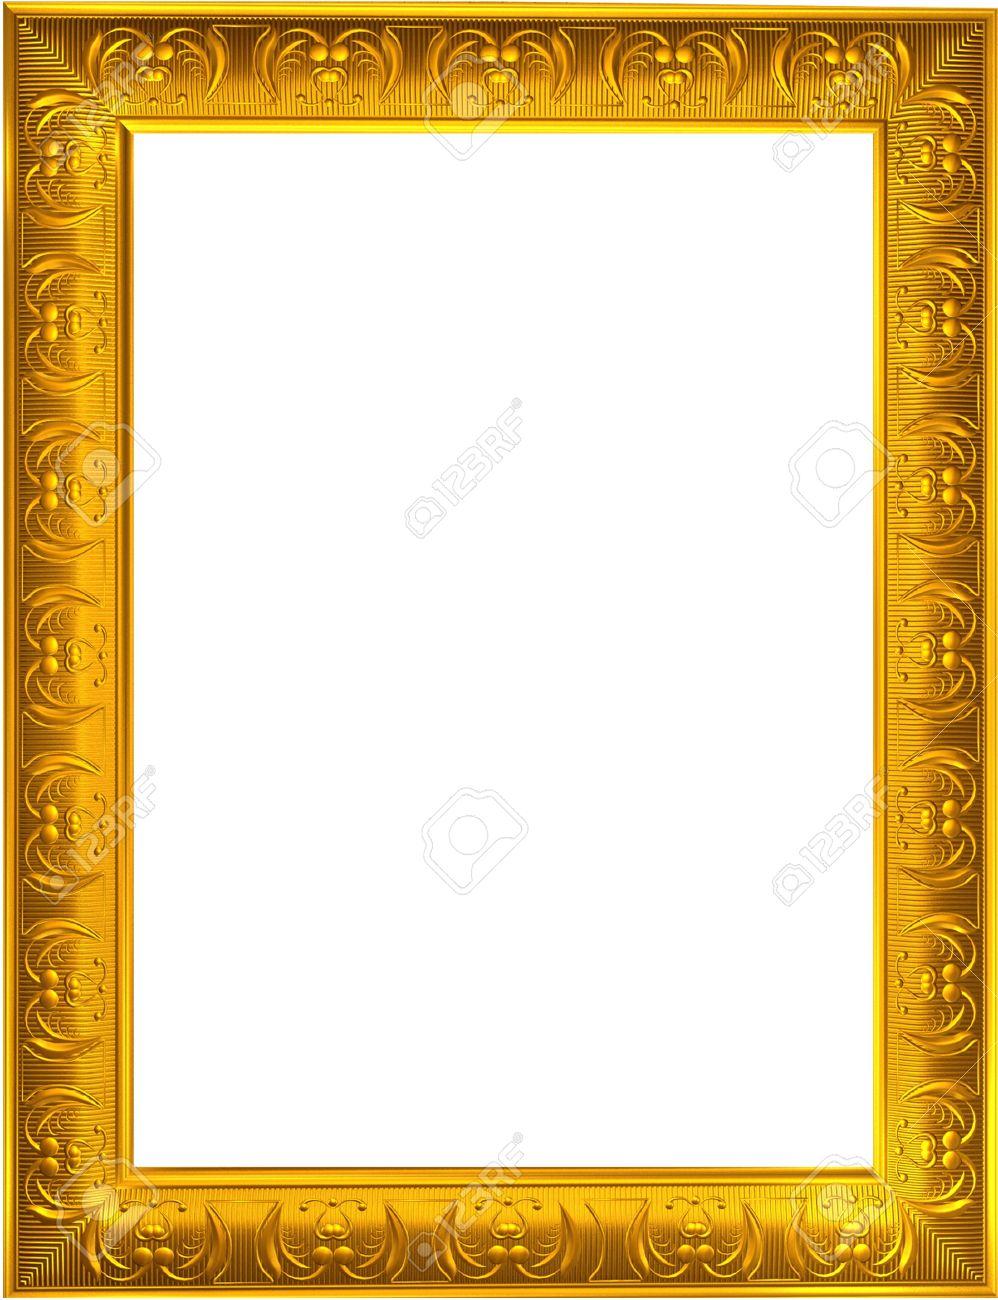 Photo Design Gold Bilderrahmen Auf Weißem Hintergrund Lizenzfreie ...